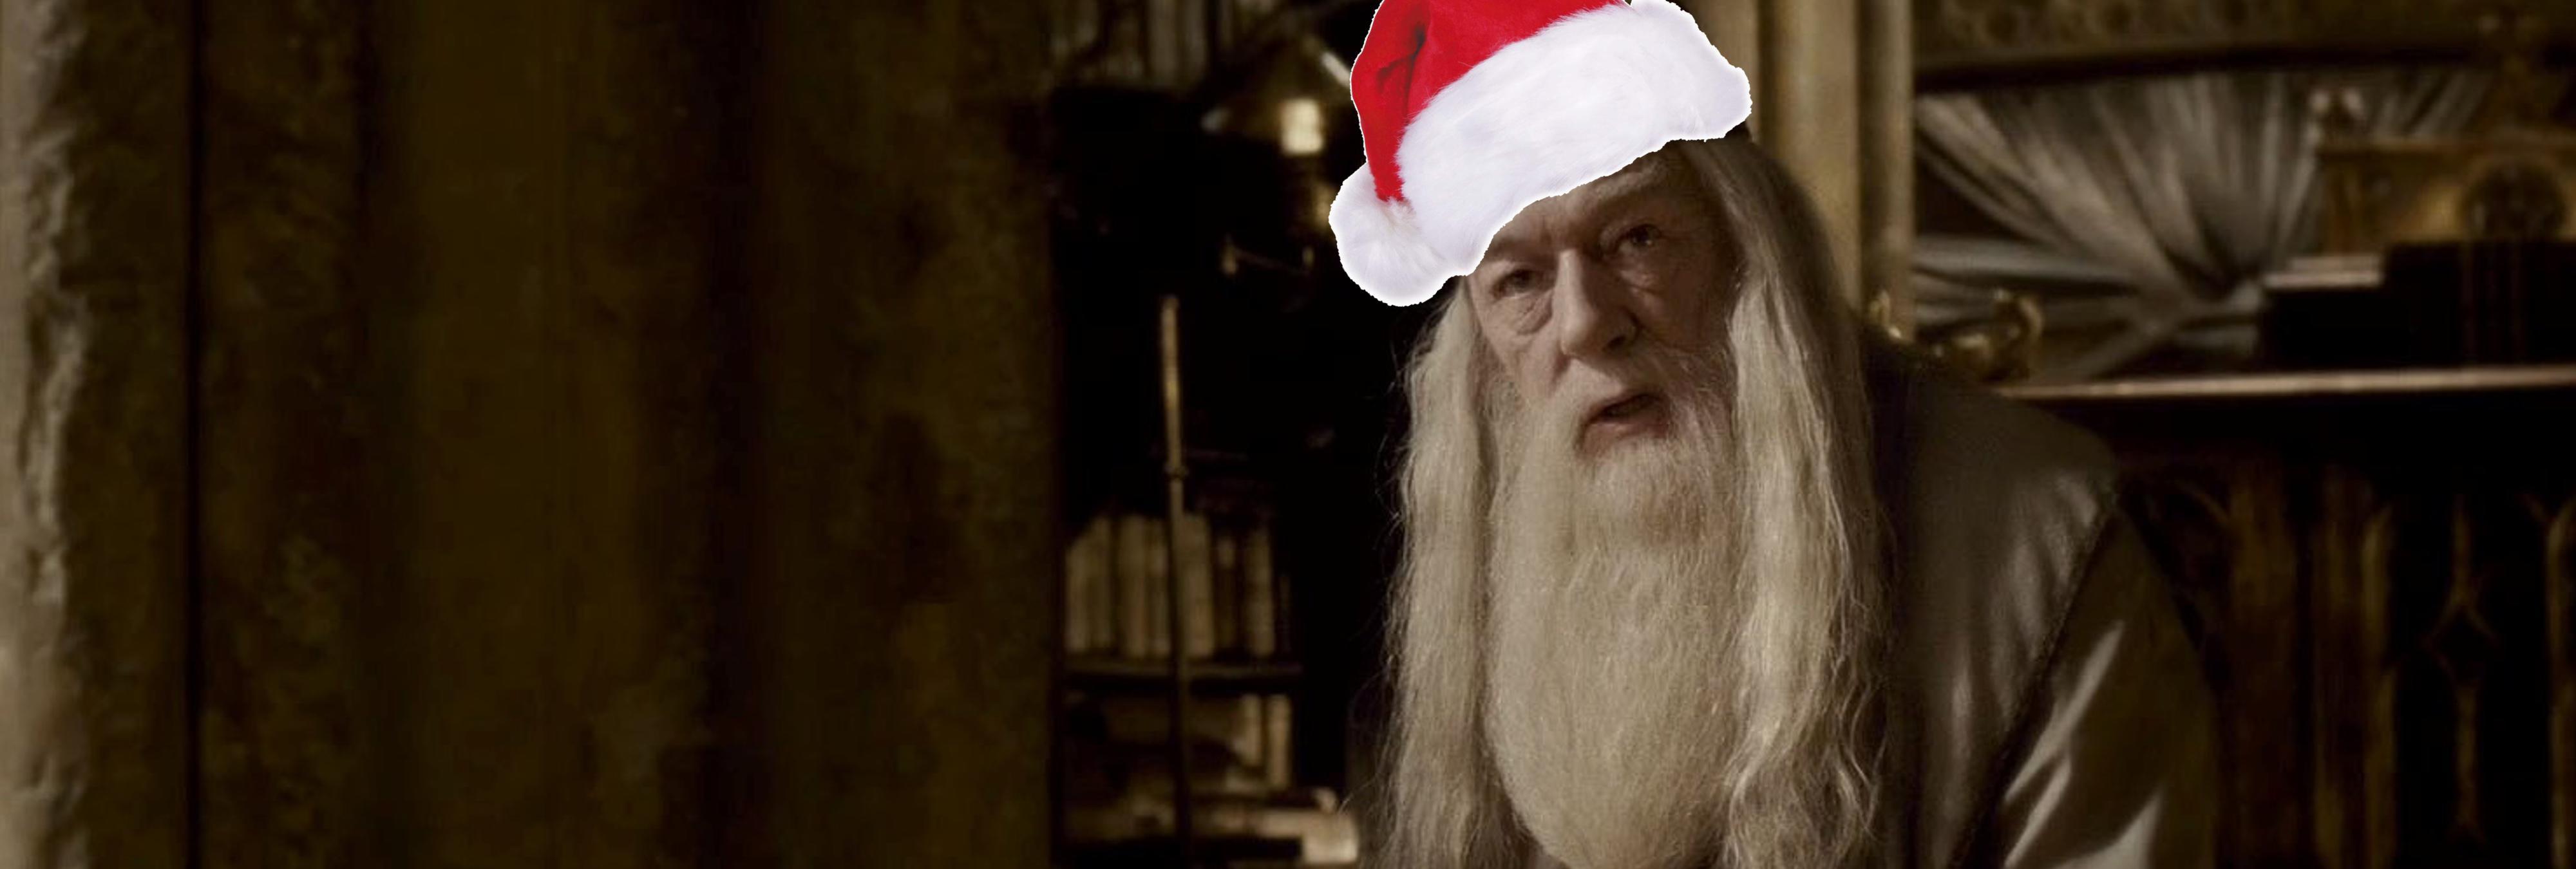 La teoría que explica que Papá Noel es un mago del universo 'Harry Potter'